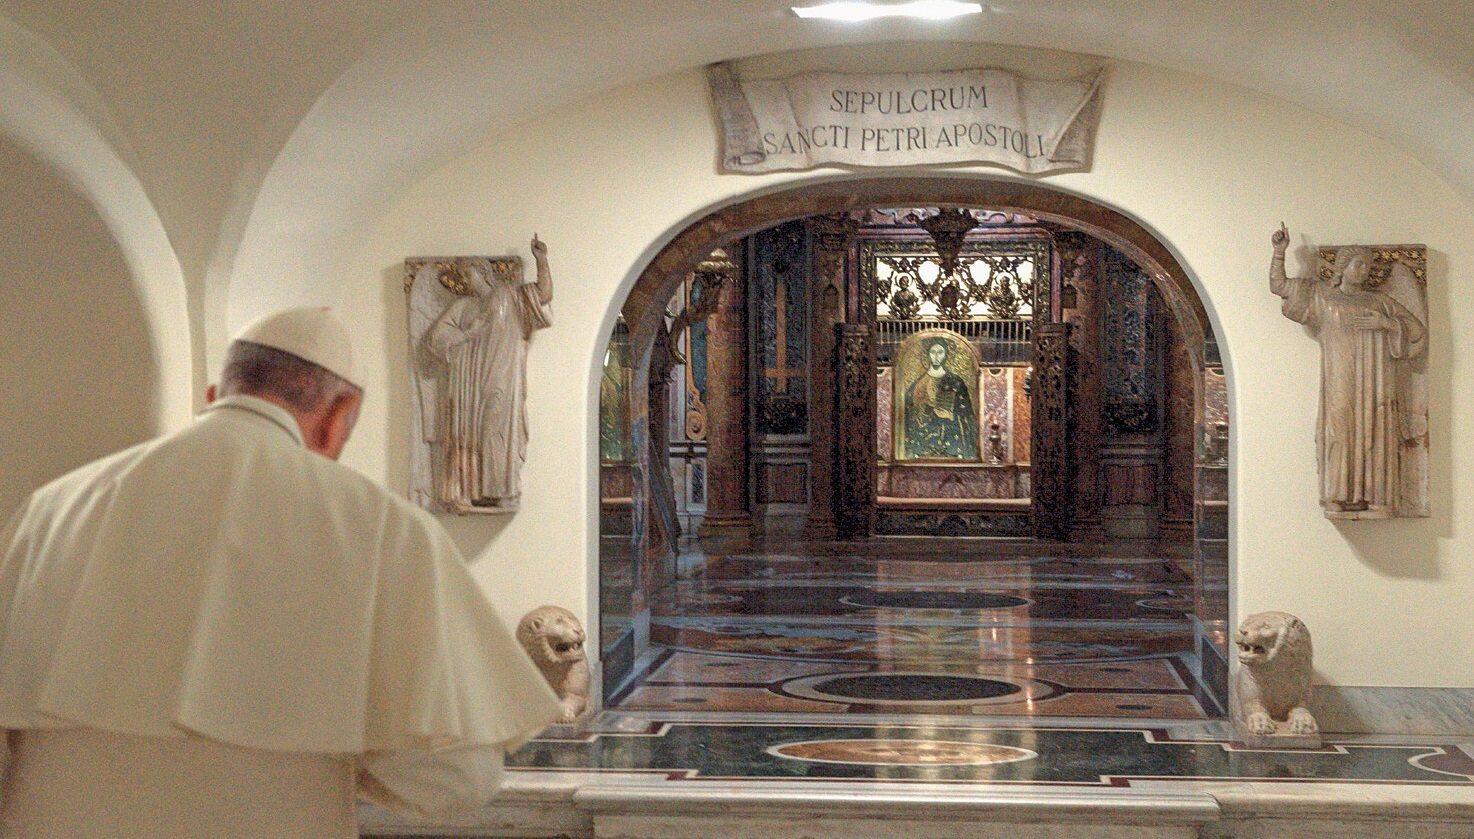 Papież Franciszek przy grobie św. Piotra w bazylice w Watykanie